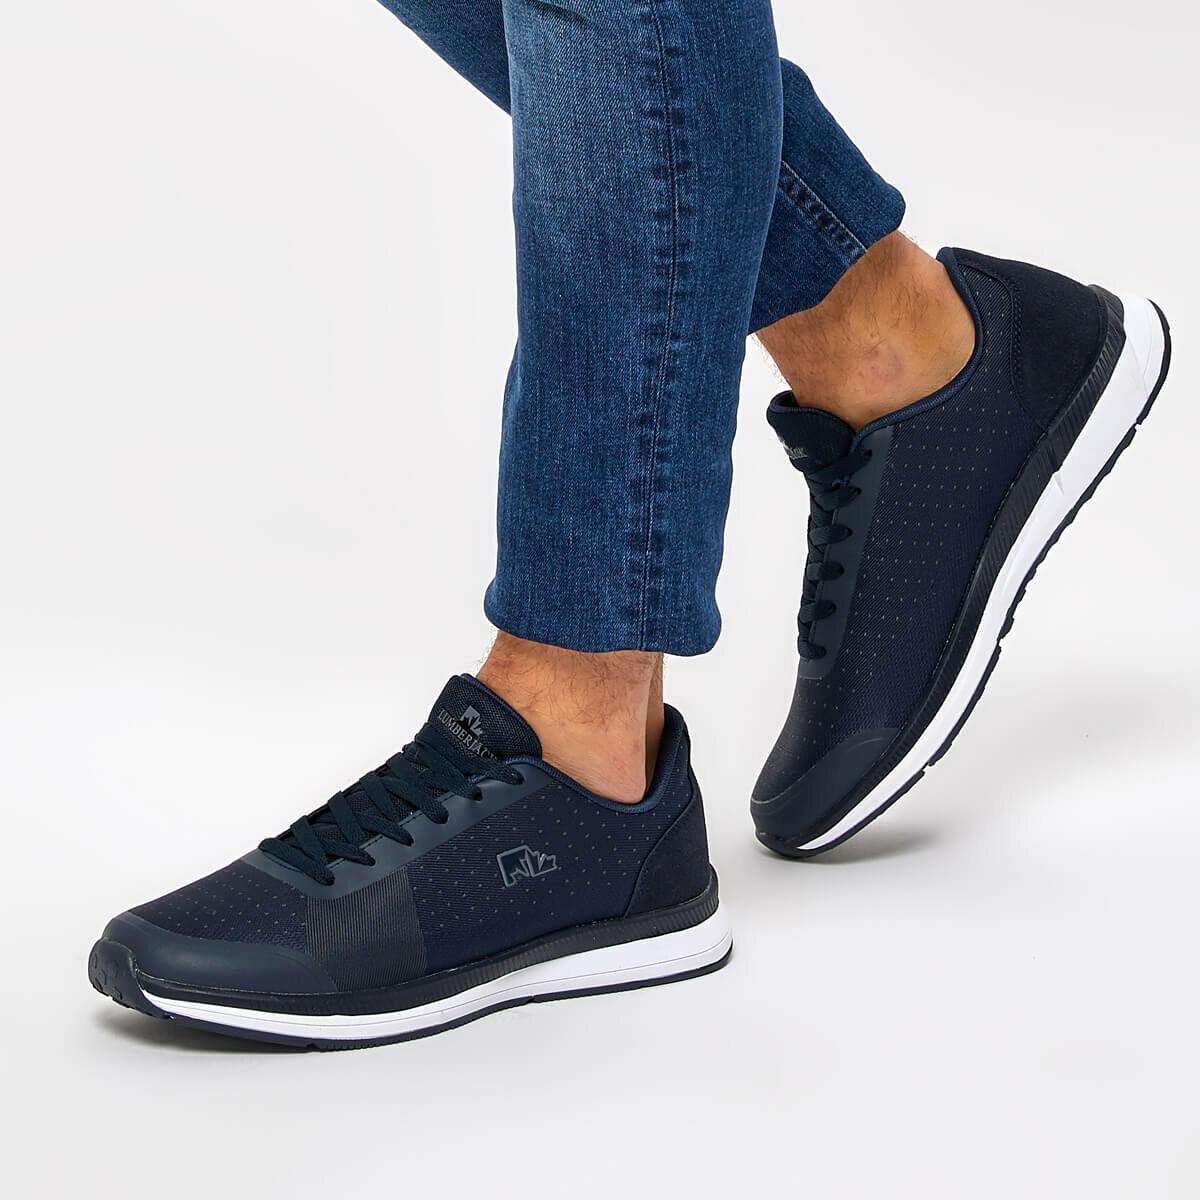 FLO GOLFY White Men 'S Sneaker Shoes LUMBERJACK